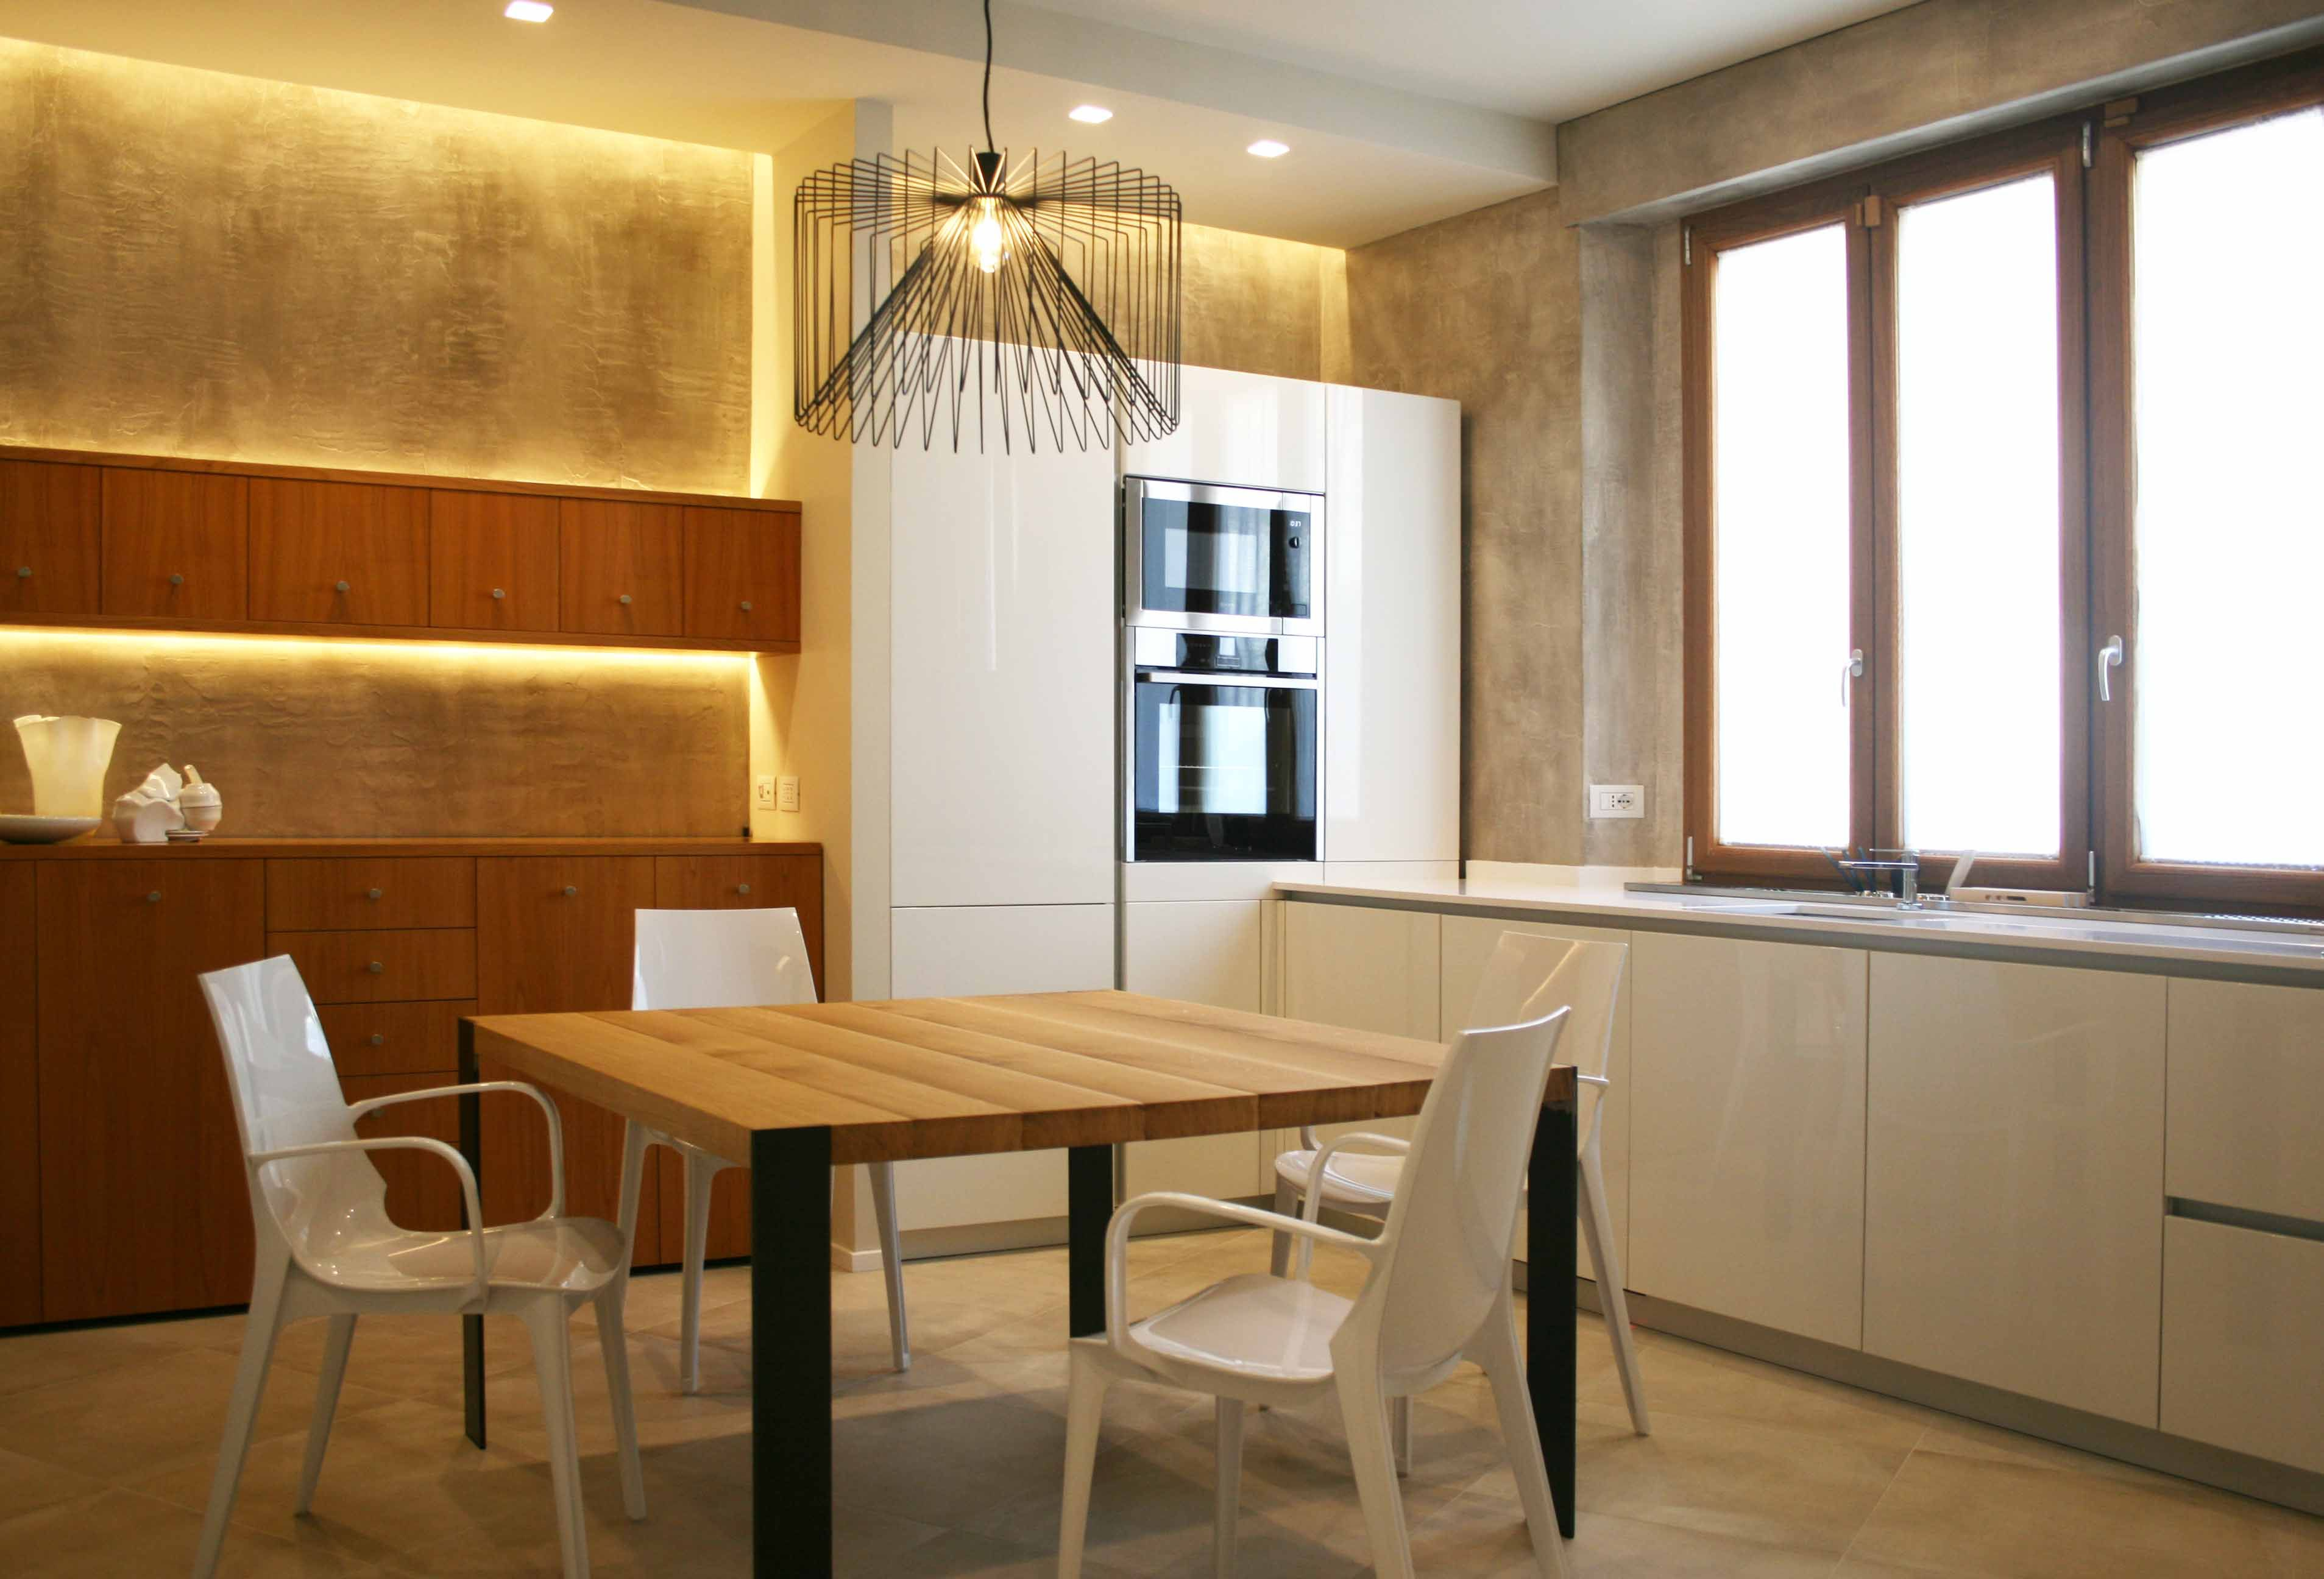 Cucina in #legno_laccato_bianco_ lucido, con pareti in #resina e ...